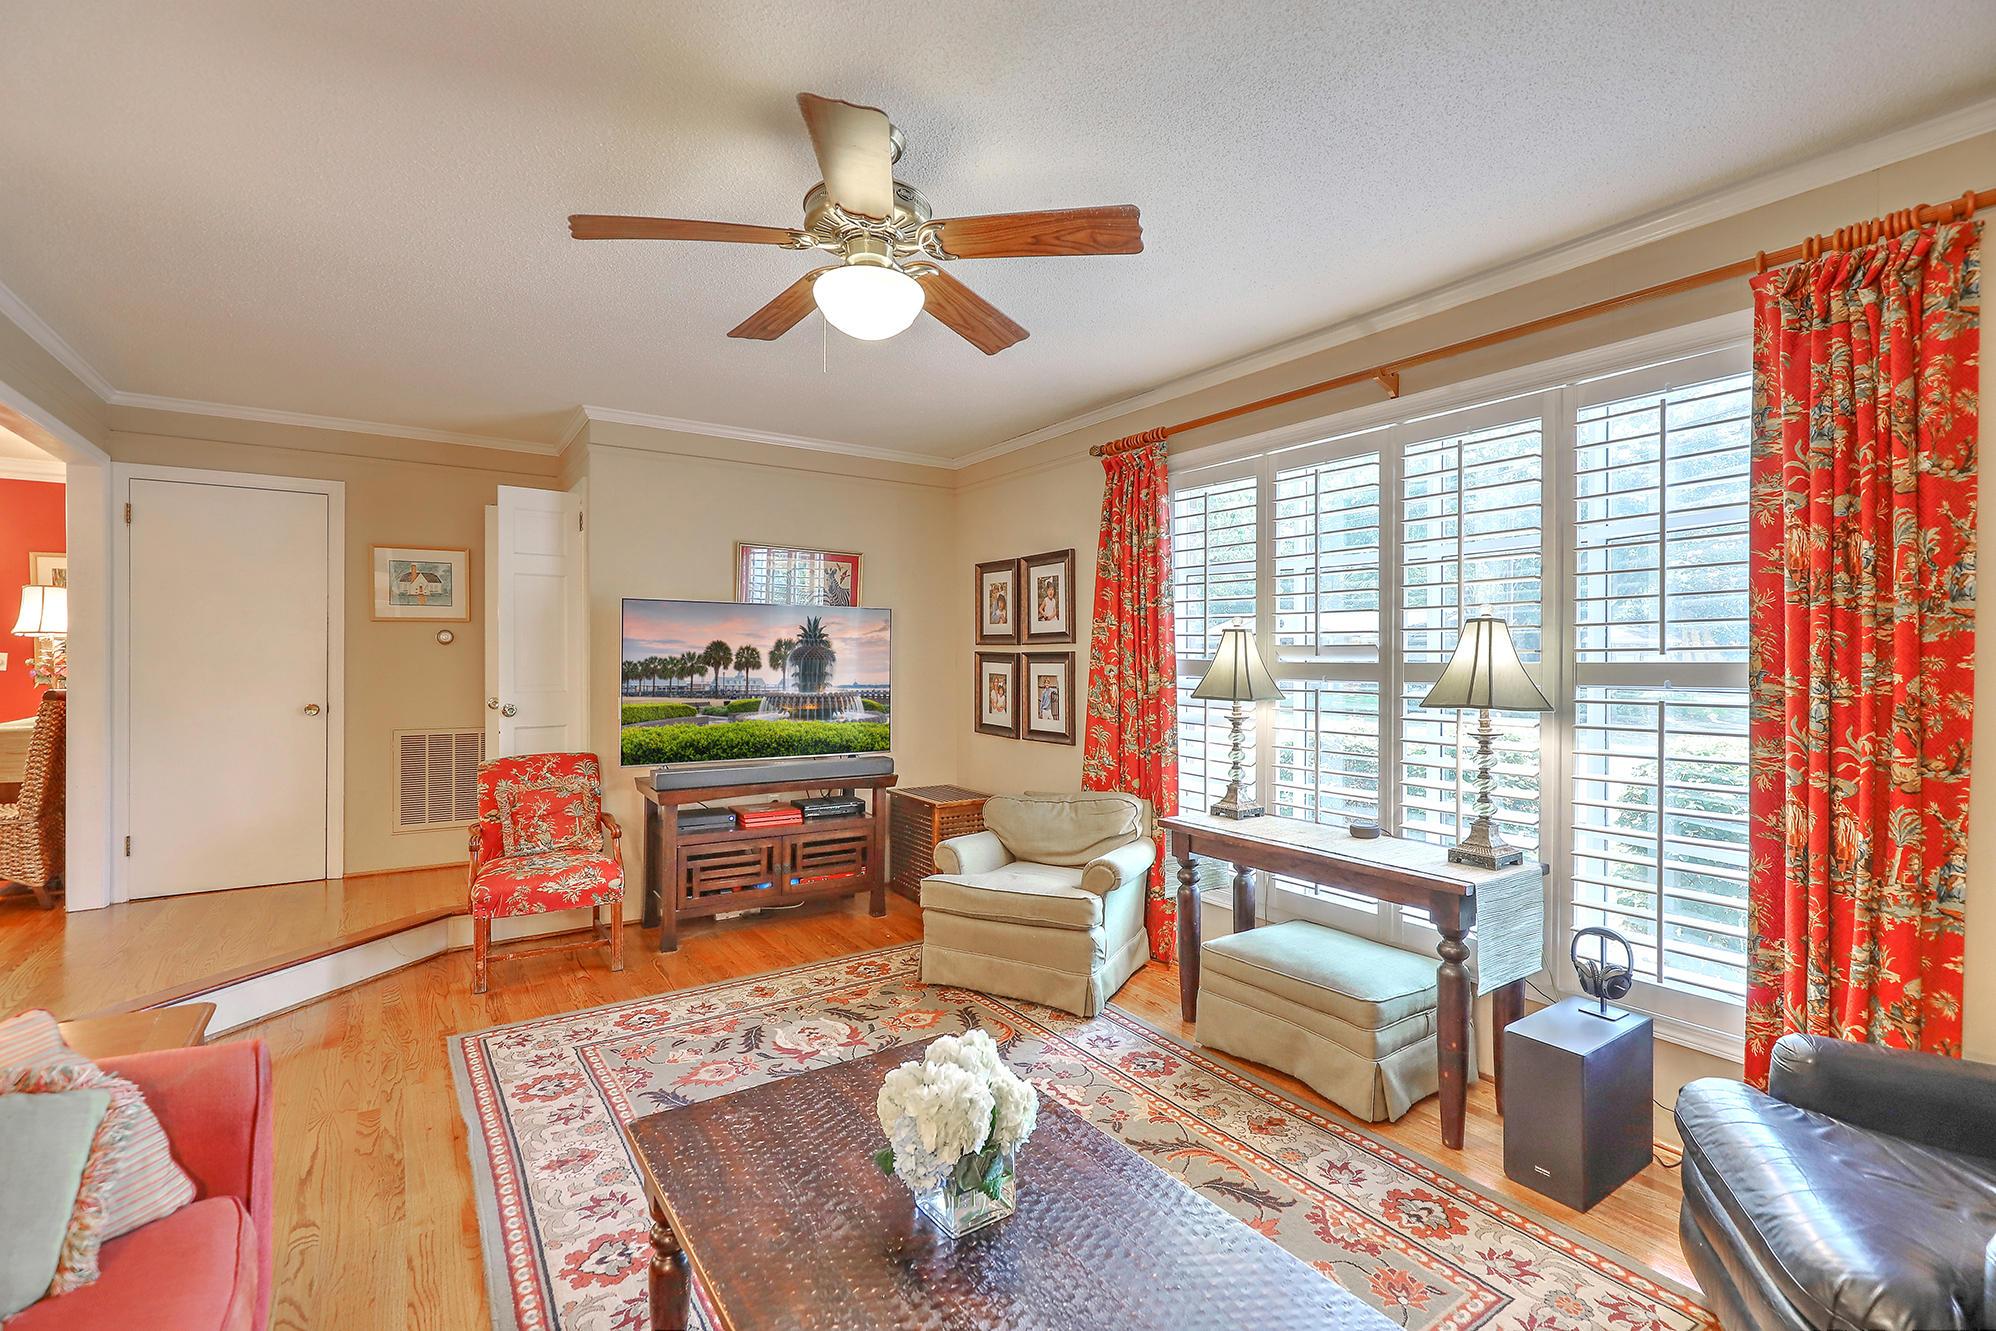 Sandhurst Homes For Sale - 1339 Winchester, Charleston, SC - 24